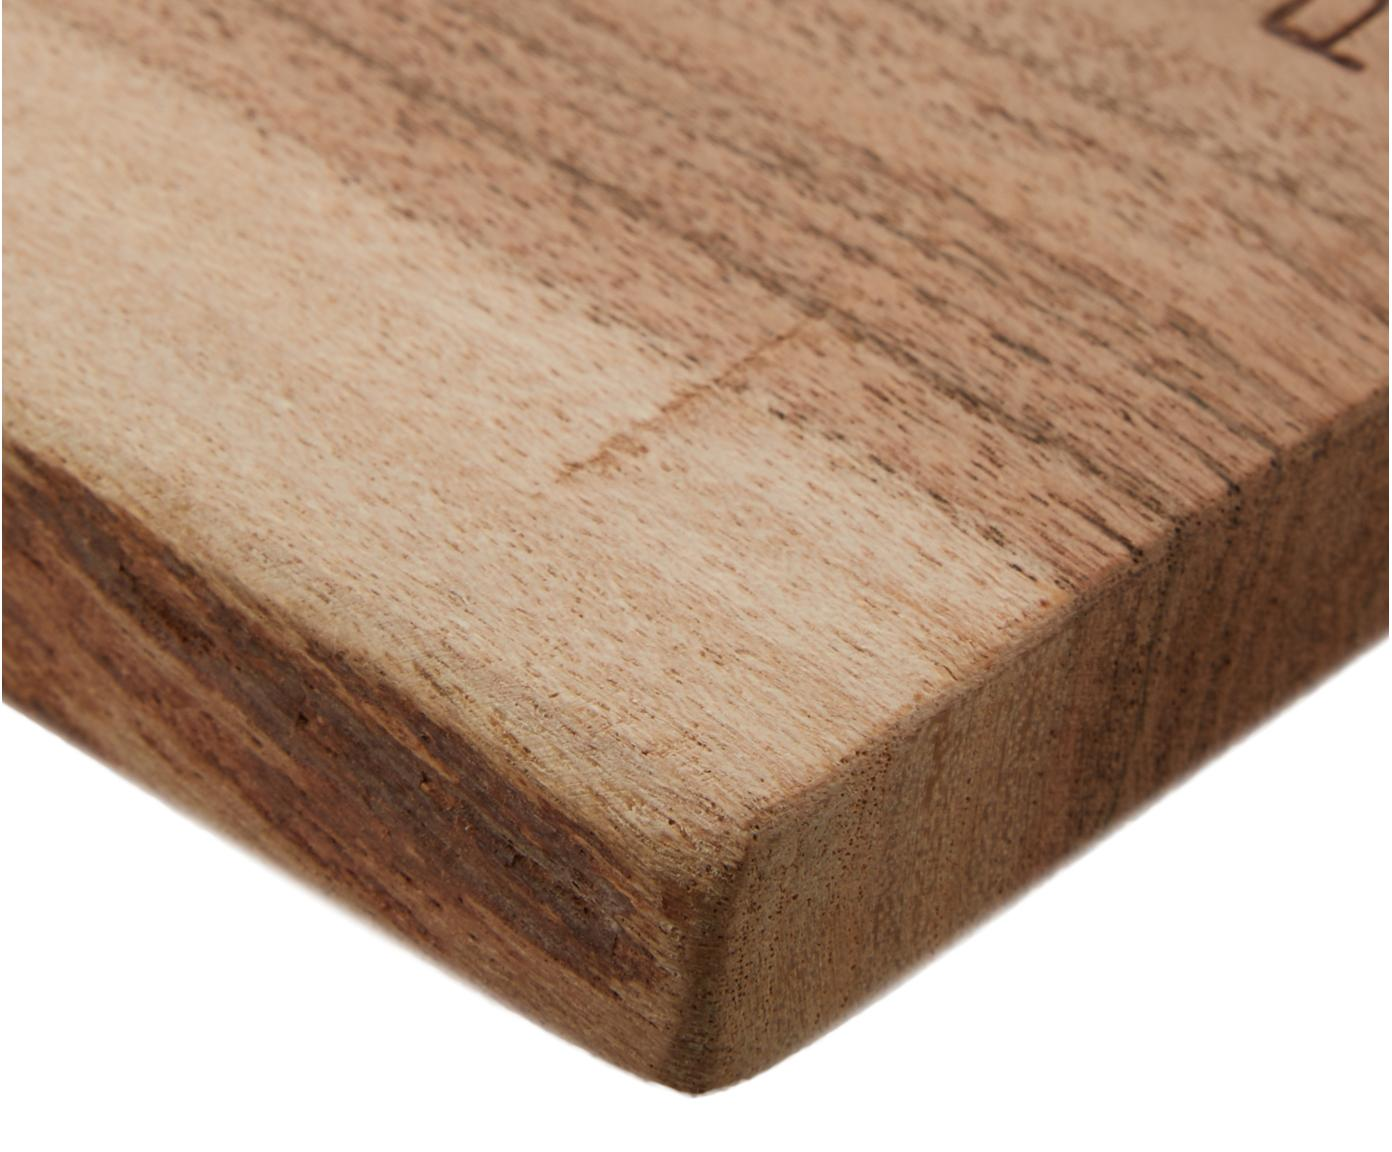 Deska do krojenia Limitless, Drewno akacjowe, Drewno akacjowe, S 65 x G 15 cm